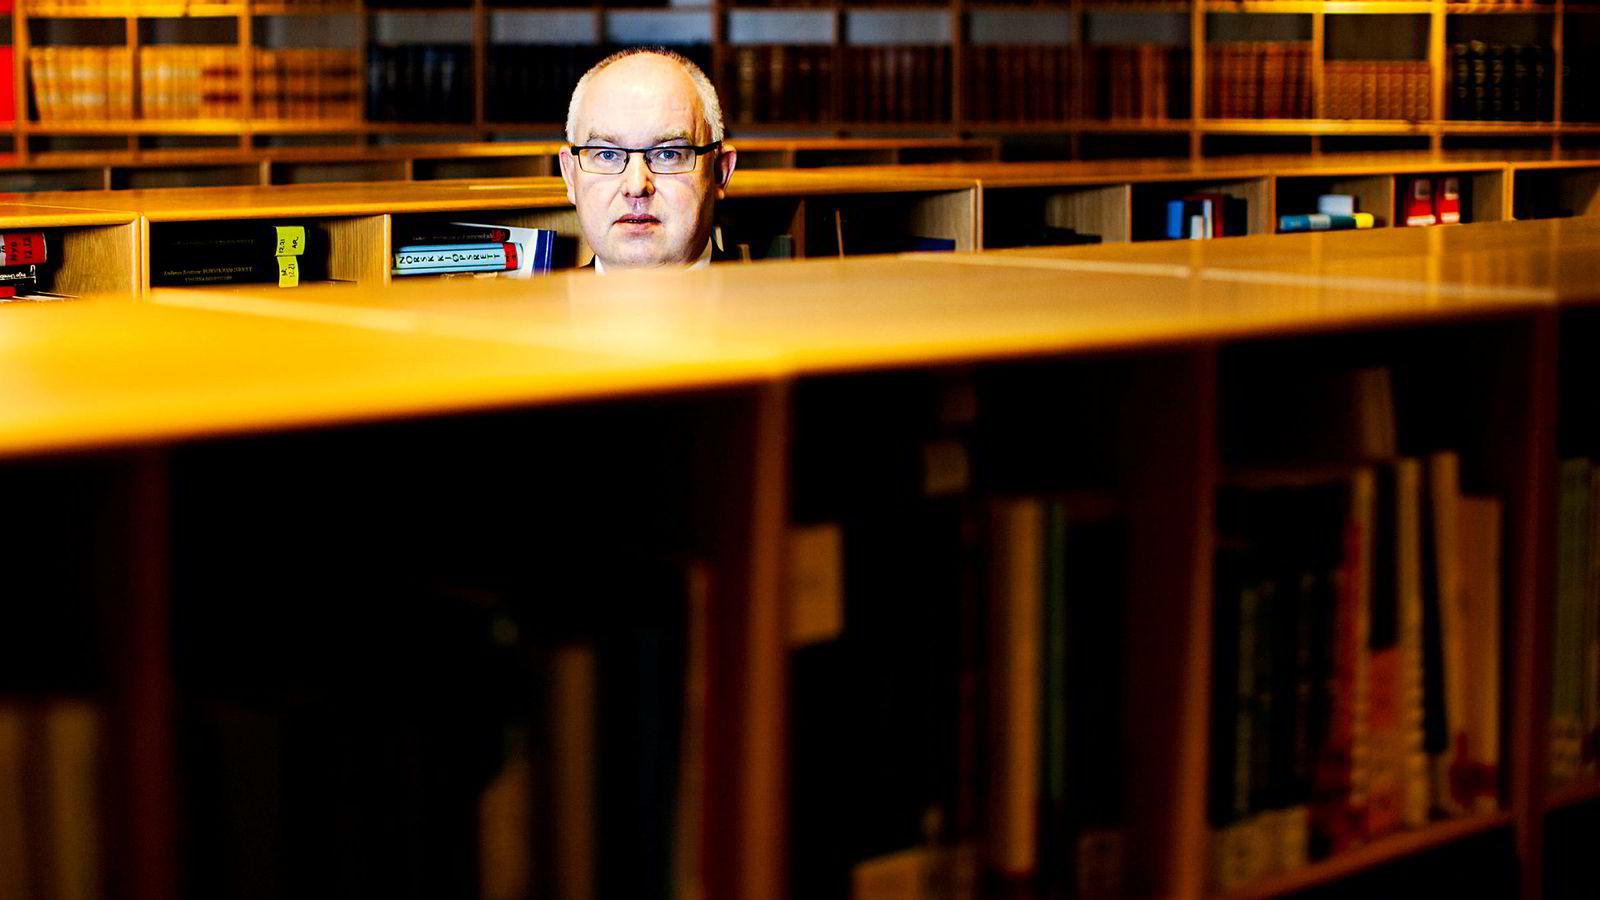 Trond Vernegg jobbet i en årrekke som journalist før han ble advokat og senere også formann i Riksmålsforbundet. Han ønsker ikke å uttale seg om søksmålet.